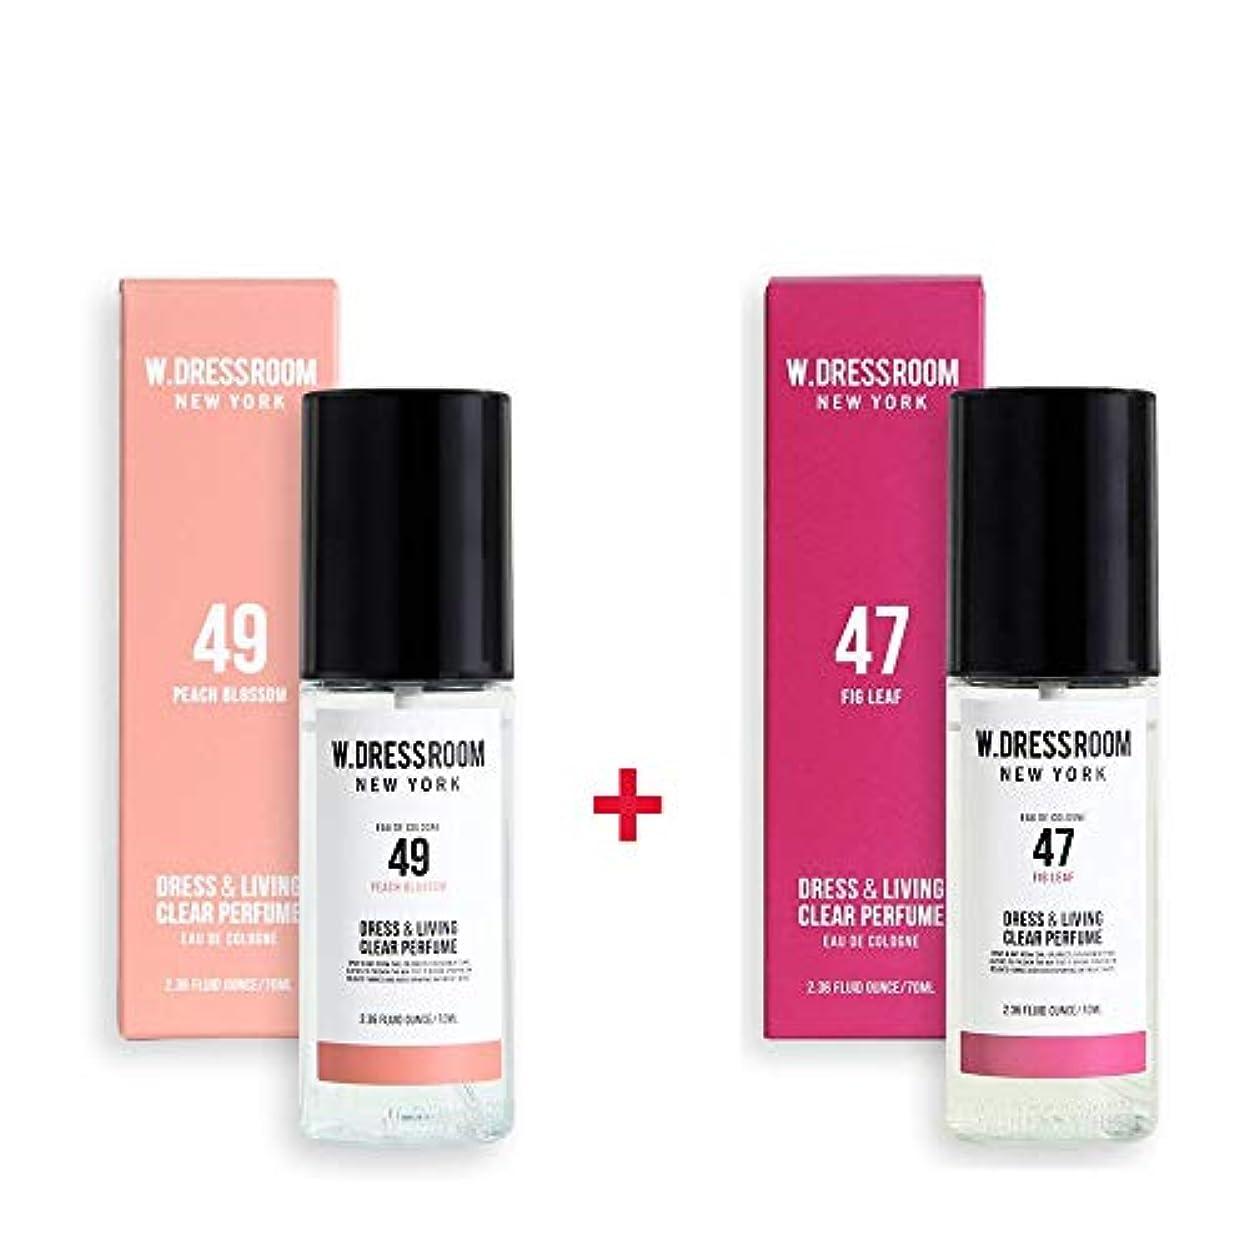 迷路大宇宙変色するW.DRESSROOM Dress & Living Clear Perfume 70ml (No 49 Peach Blossom)+(No 47 Fig Leaf)